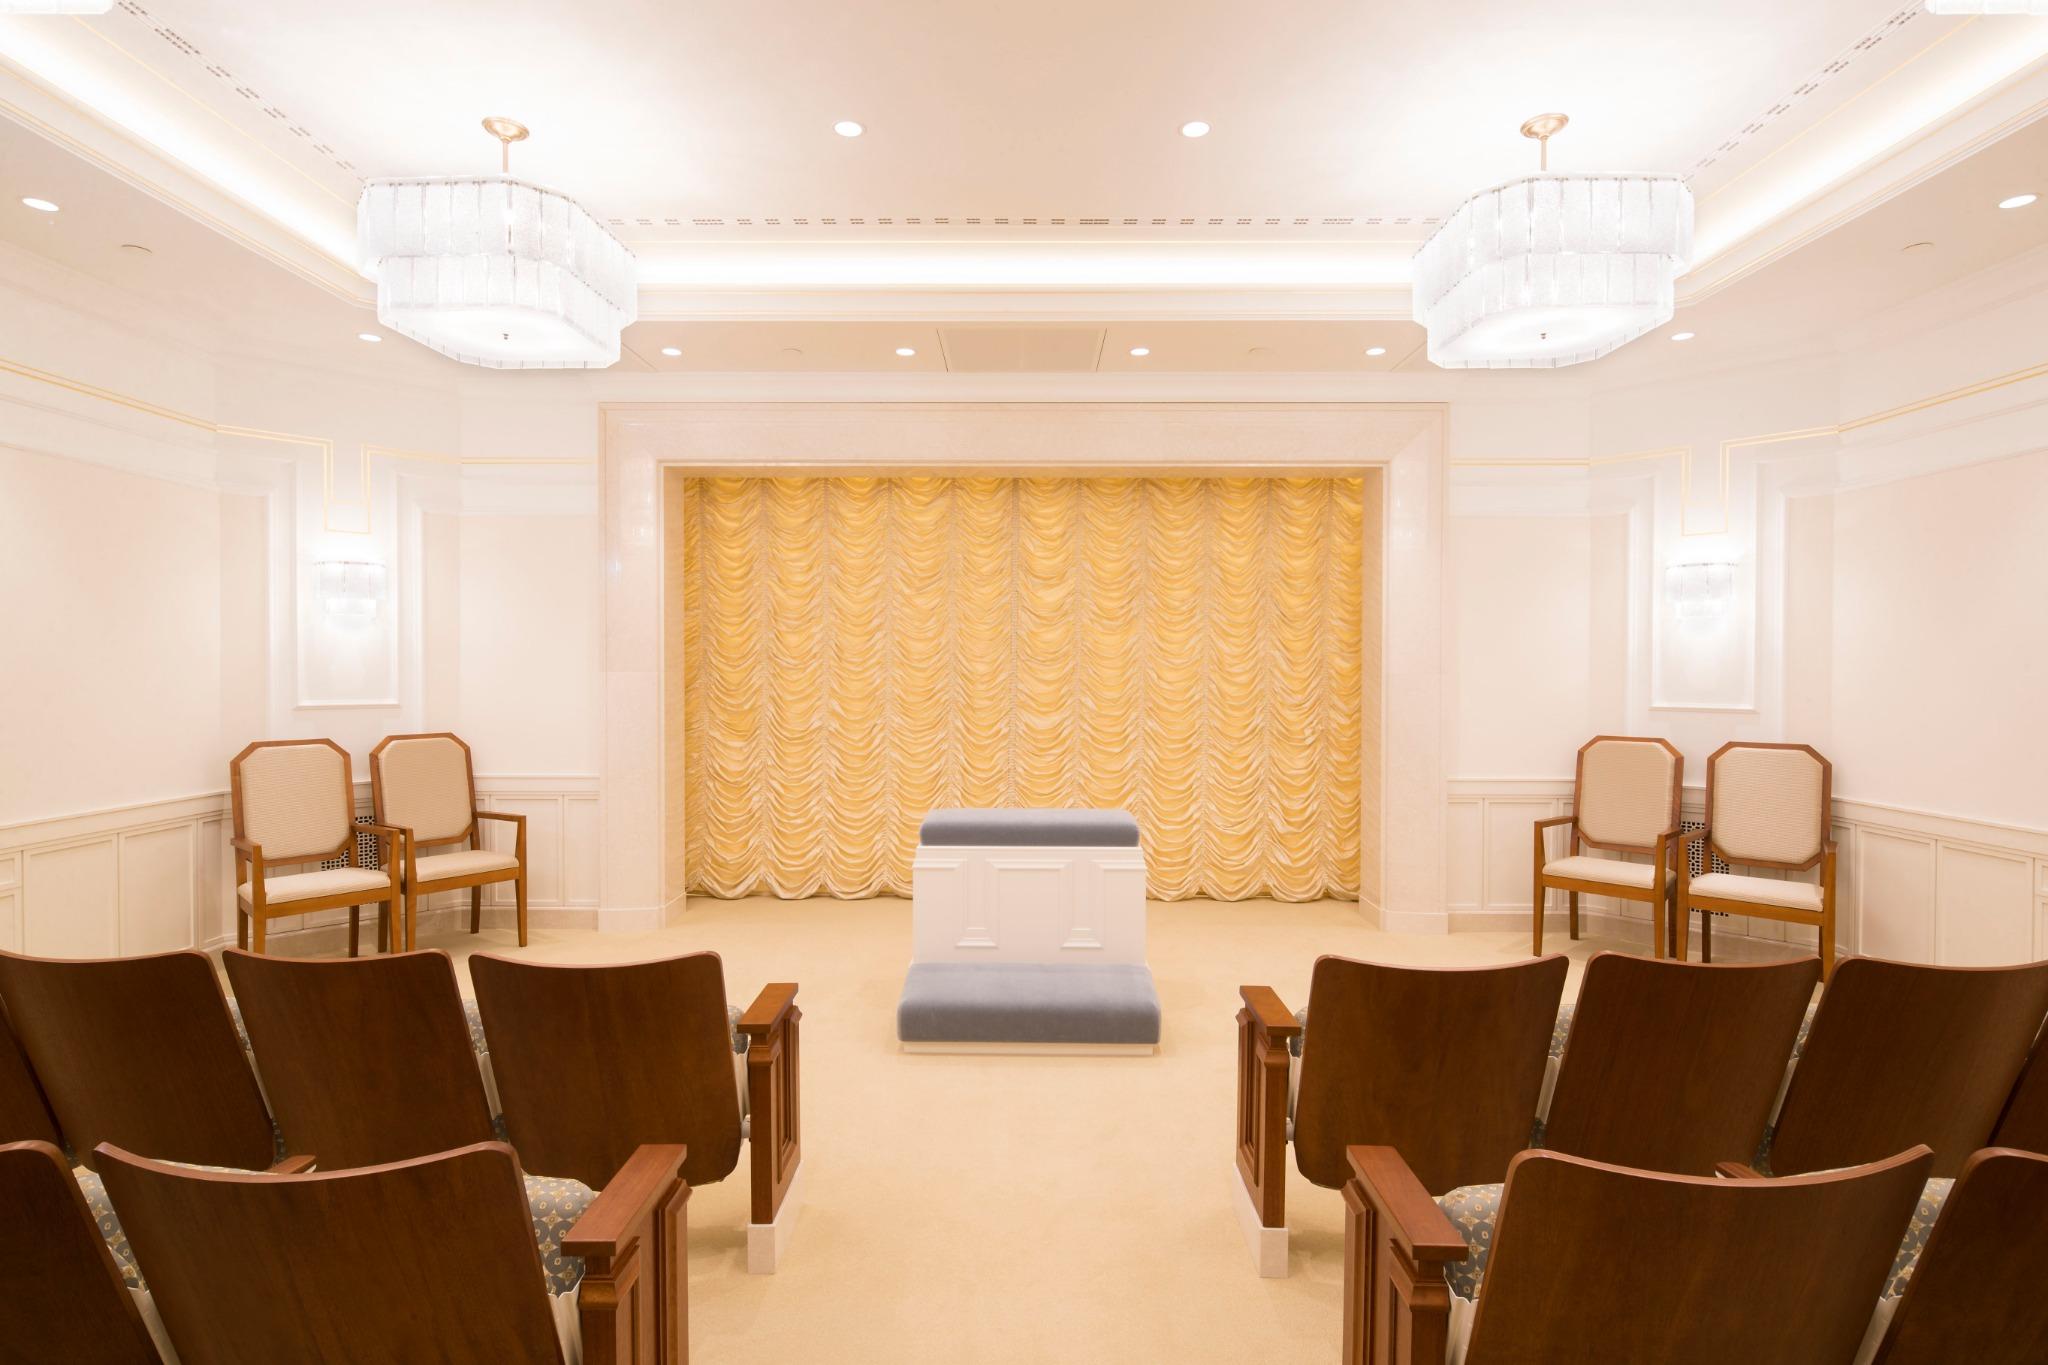 Sala de ordenanças no Templo de Frankfurt Alemanha.